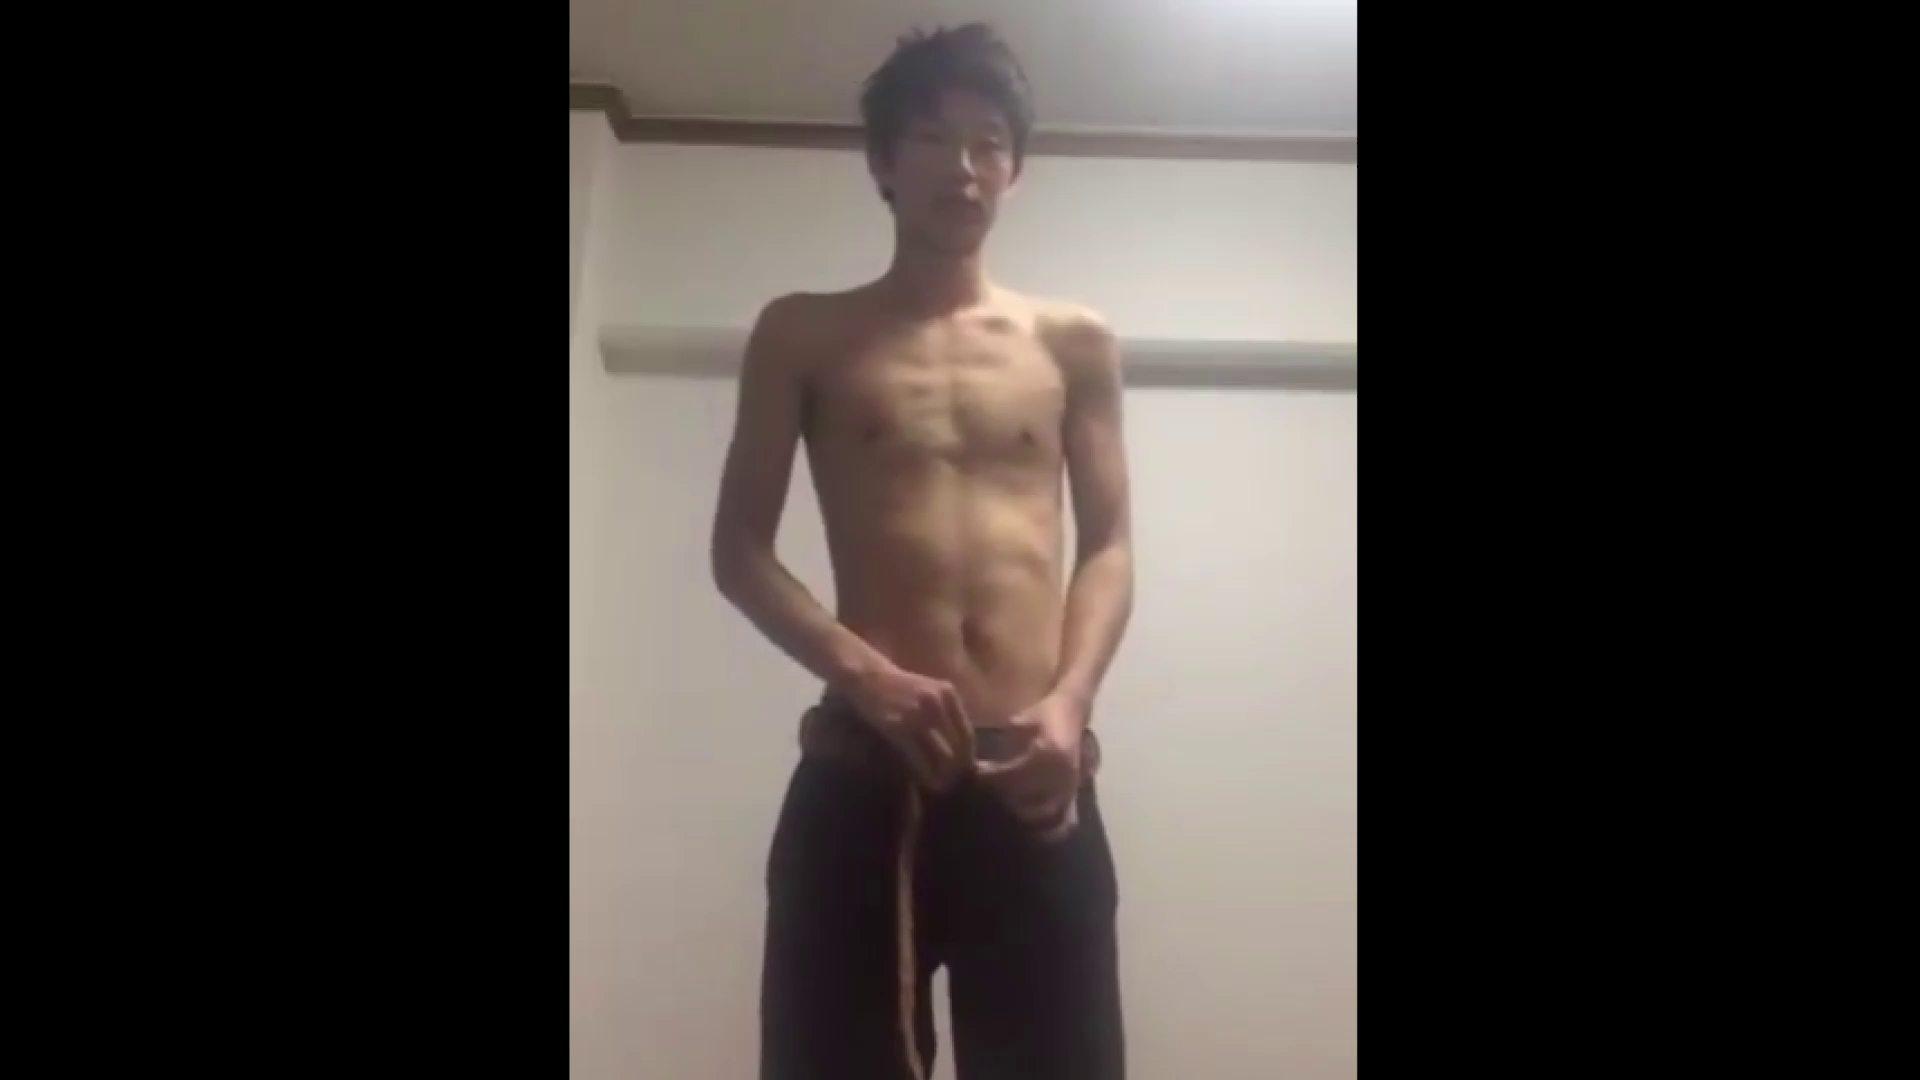 巨根 オナニー塾Vol.20 モザ無し エロビデオ紹介 96枚 7